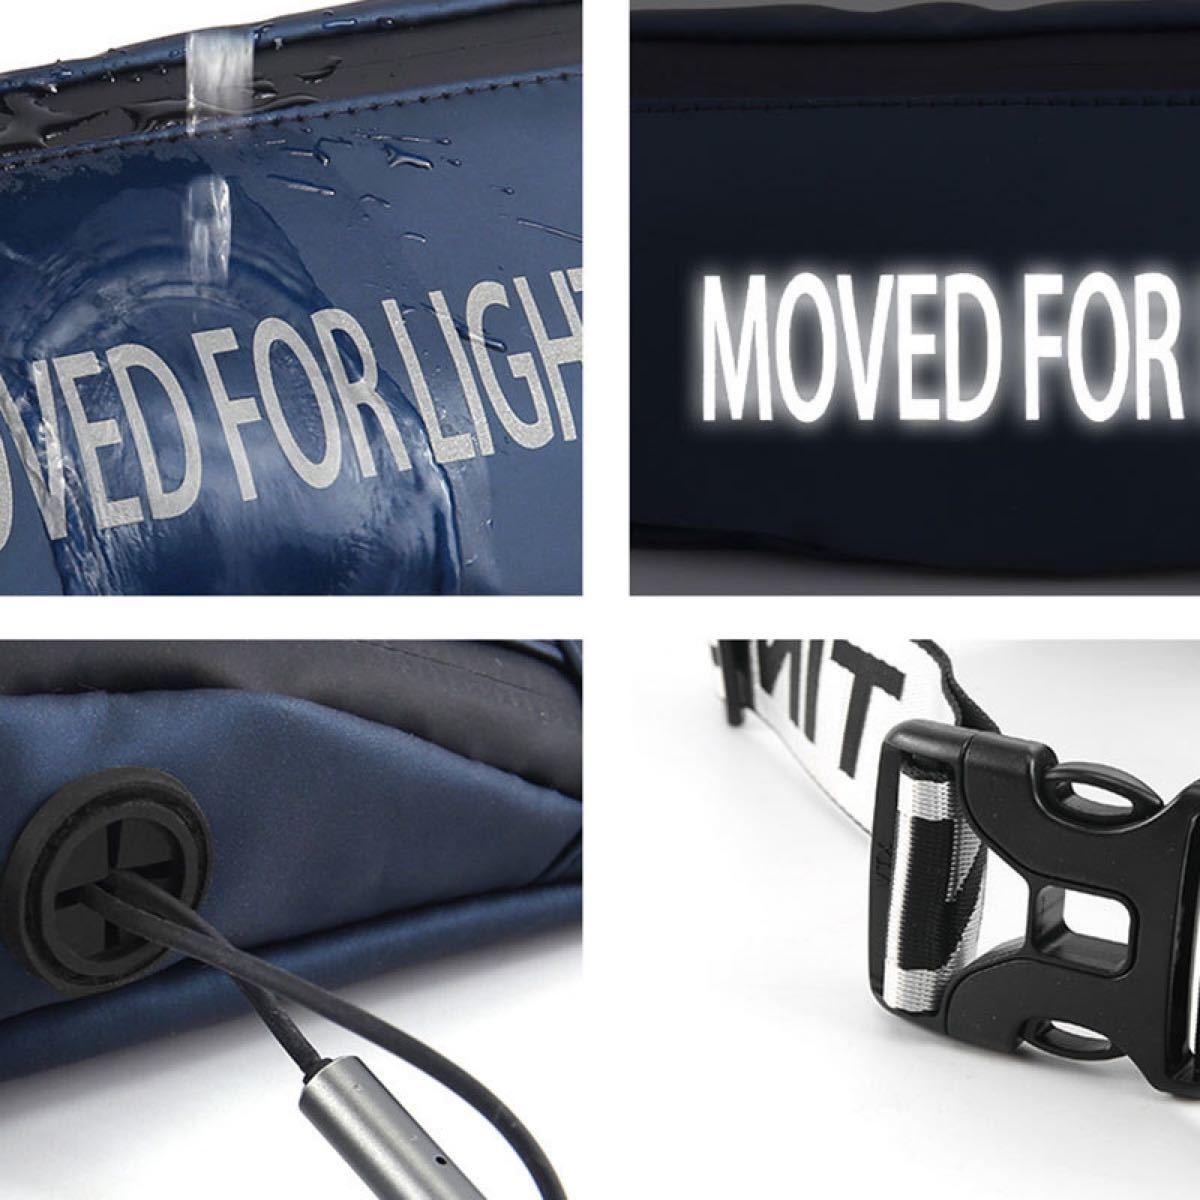 ランニングポーチ ウエストバッグ ランニング ベルト 超軽量 超大容量